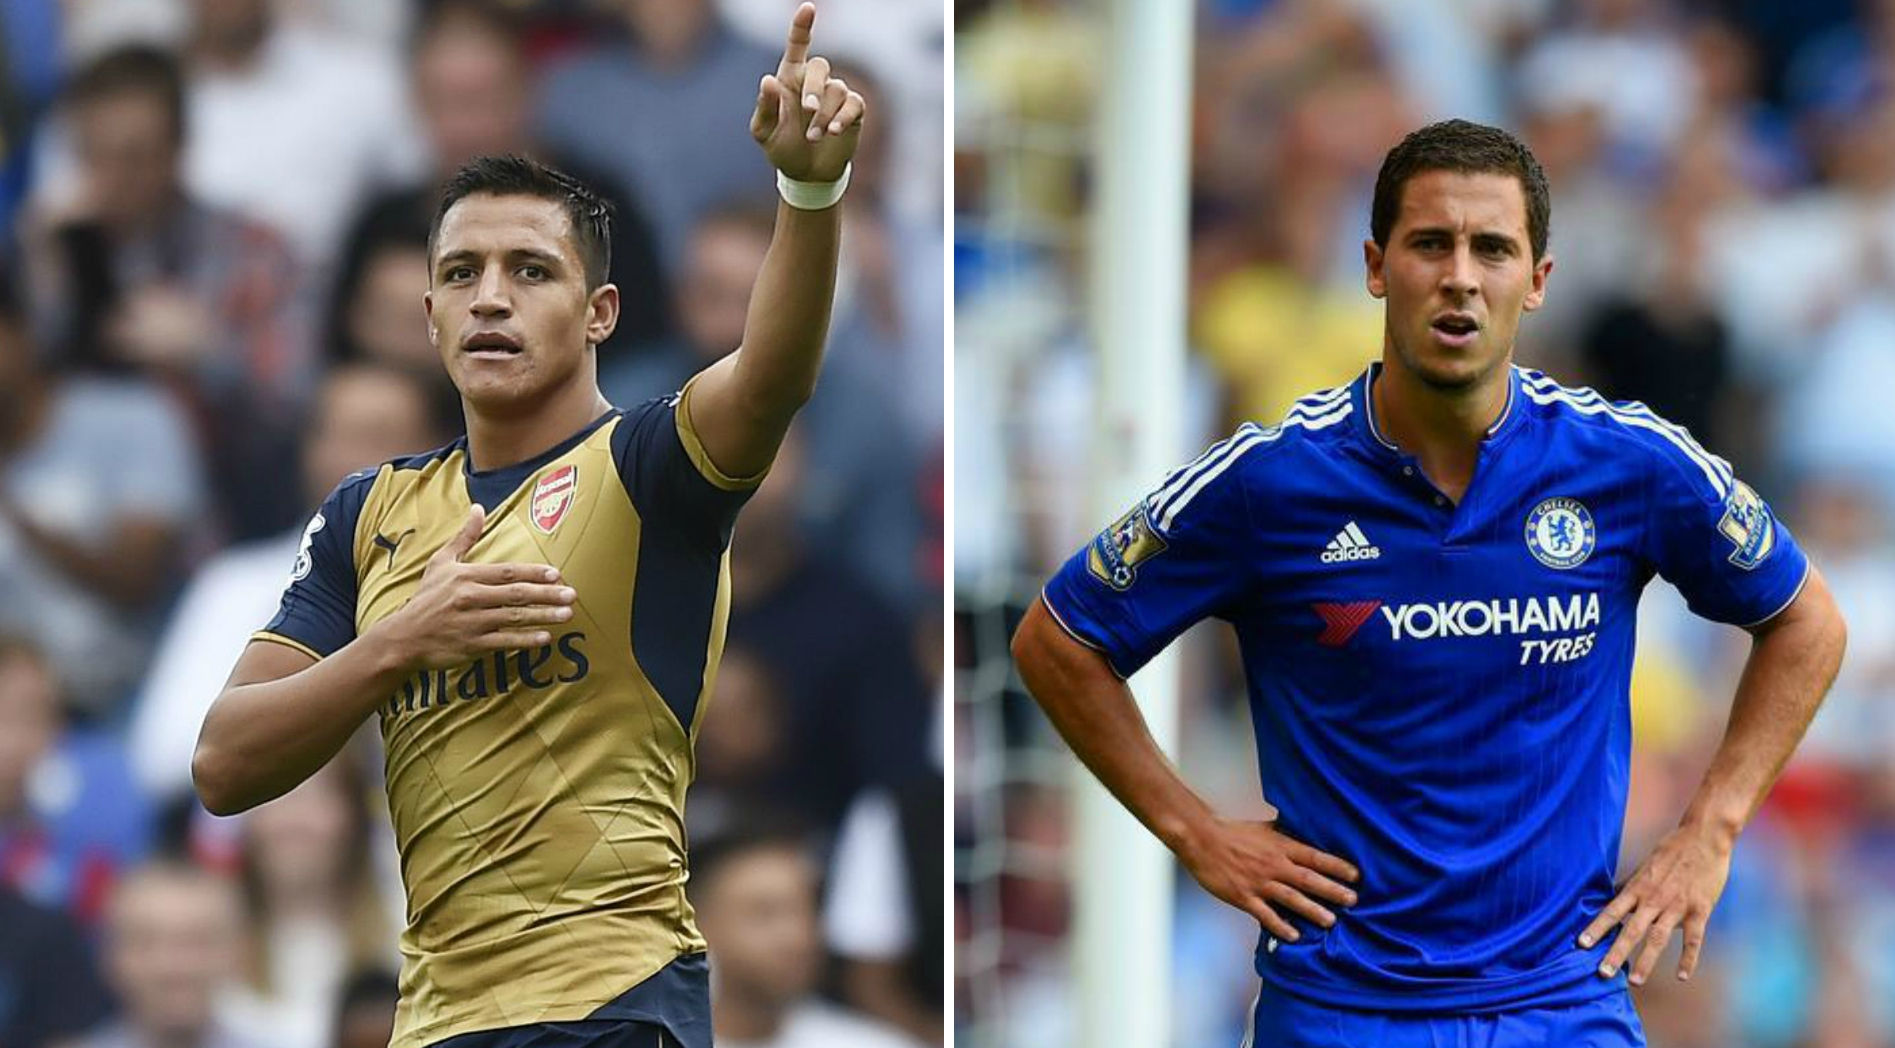 Wage figures show Arsenal's Alexis Sanchez costs less per goal than Chelsea's Eden Hazard